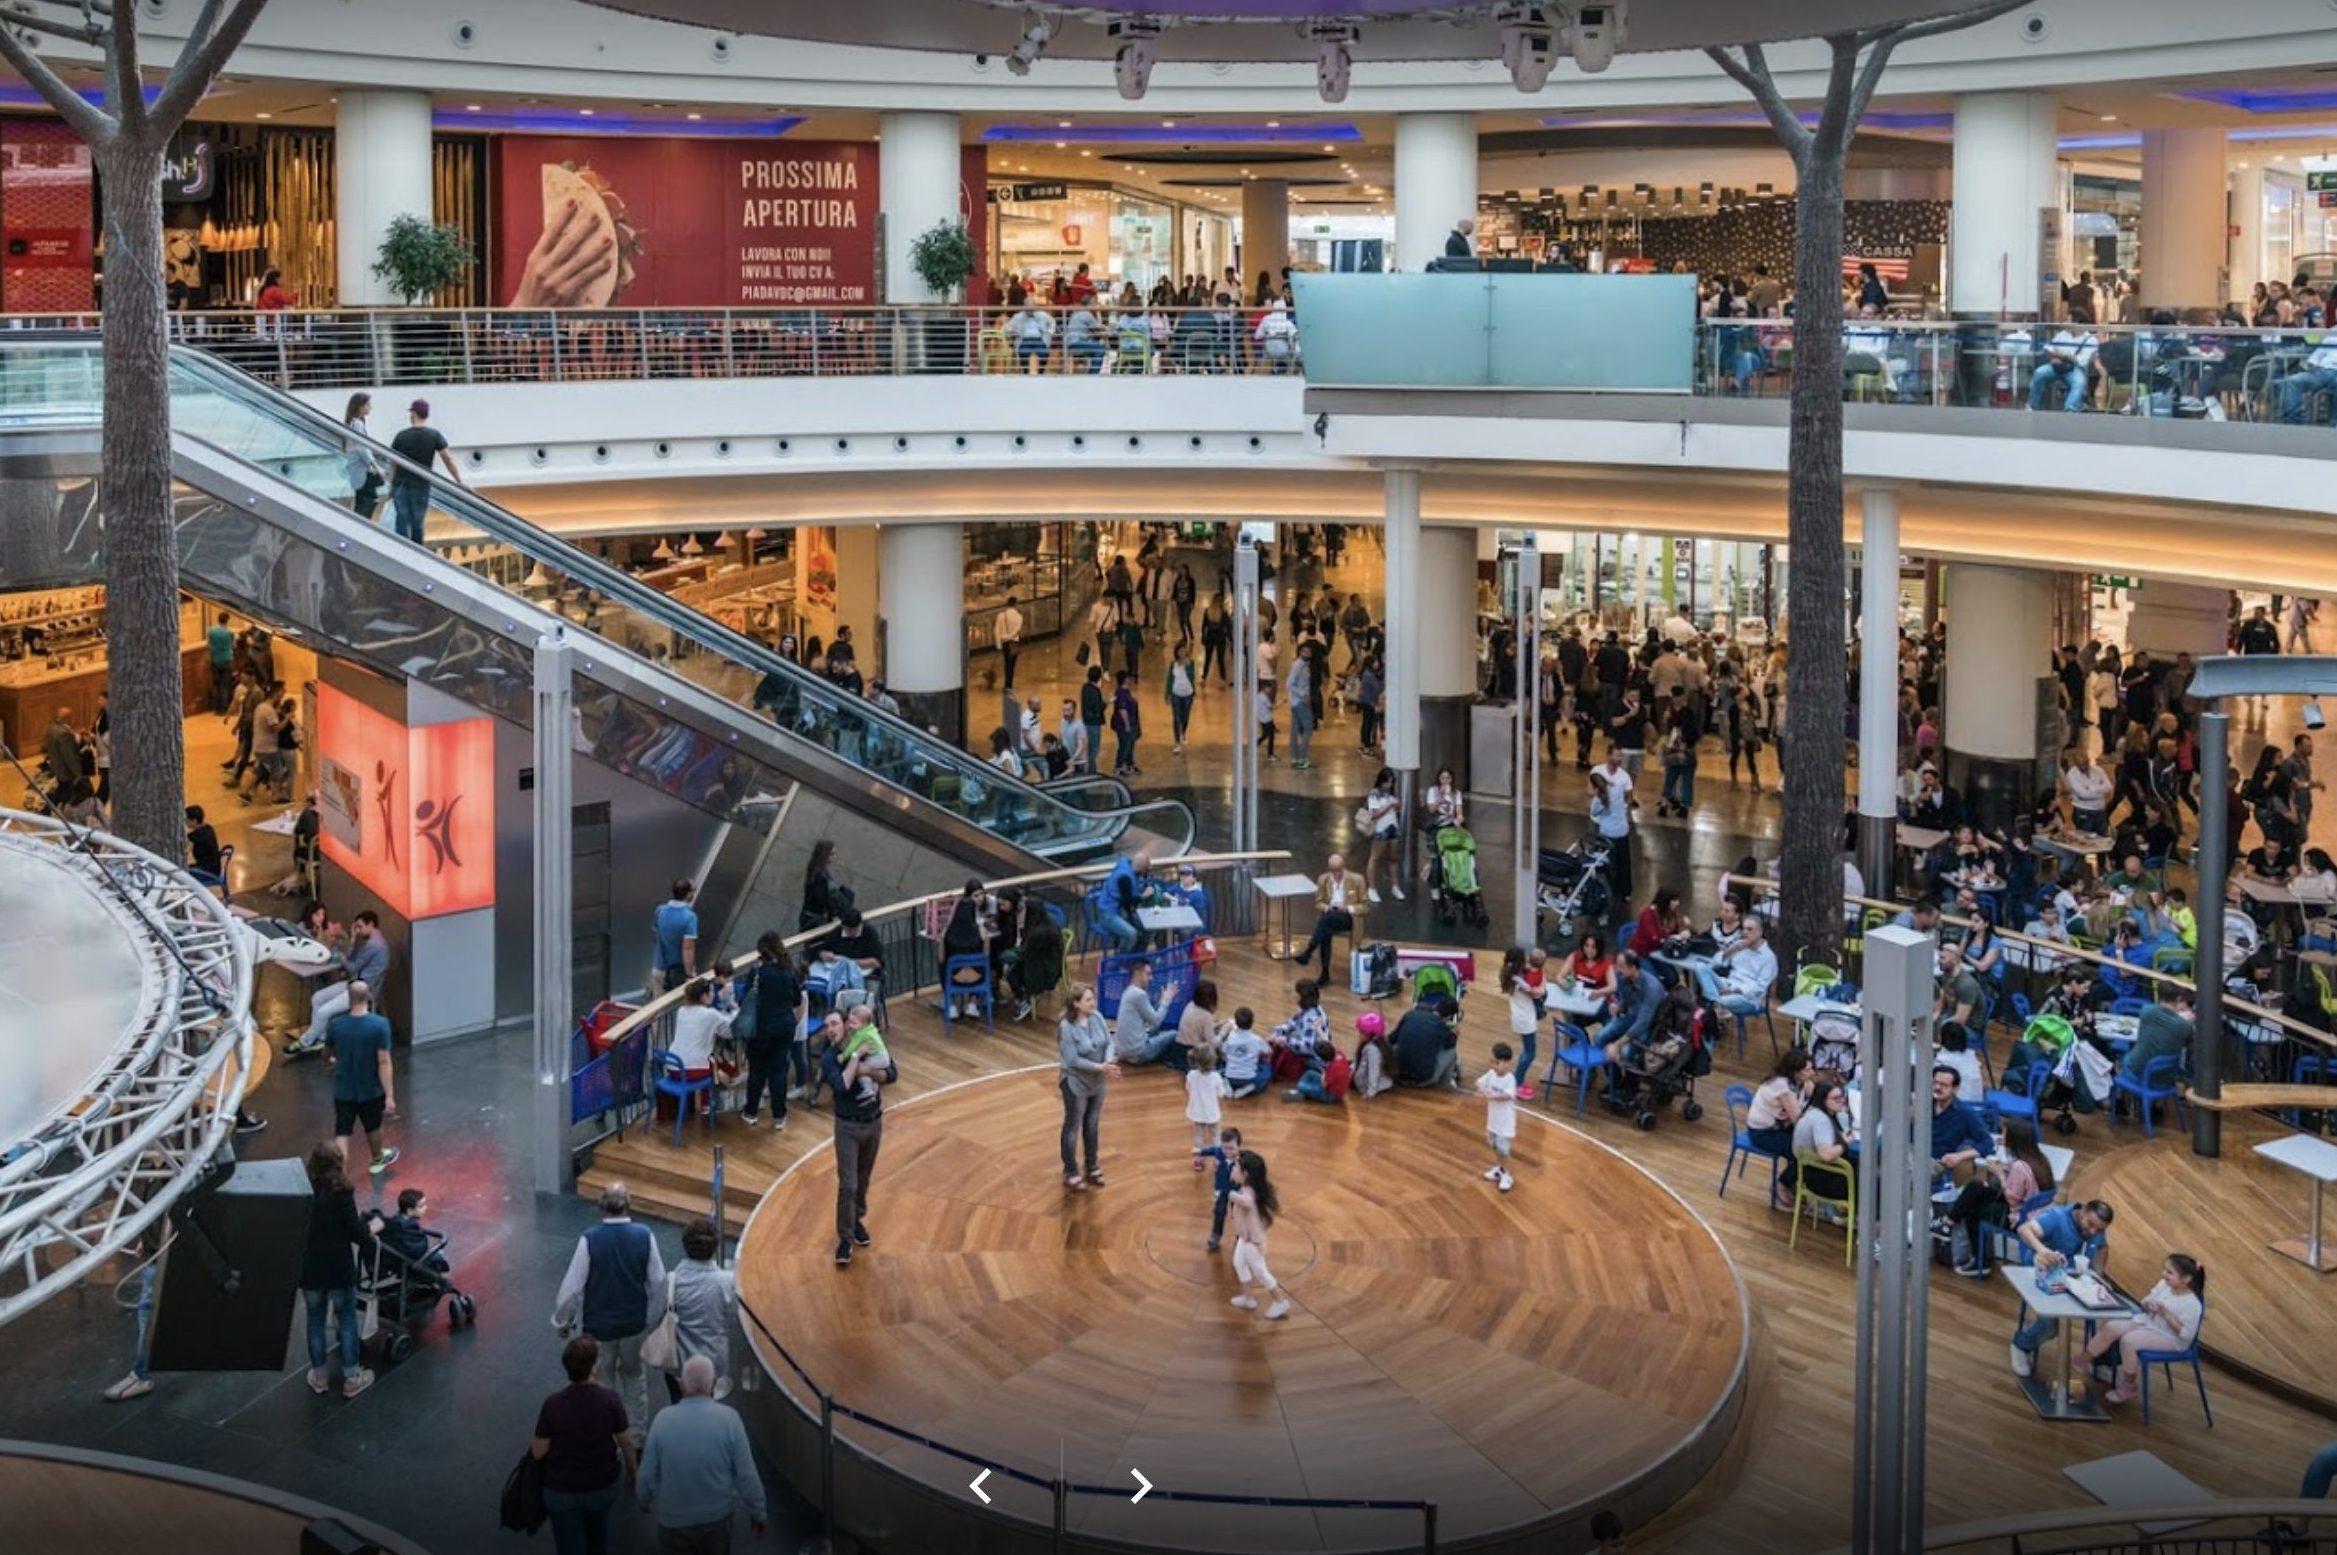 Marcianise ruba due navigatori gps nel centro commerciale for Centro commerciale campania negozi arredamento